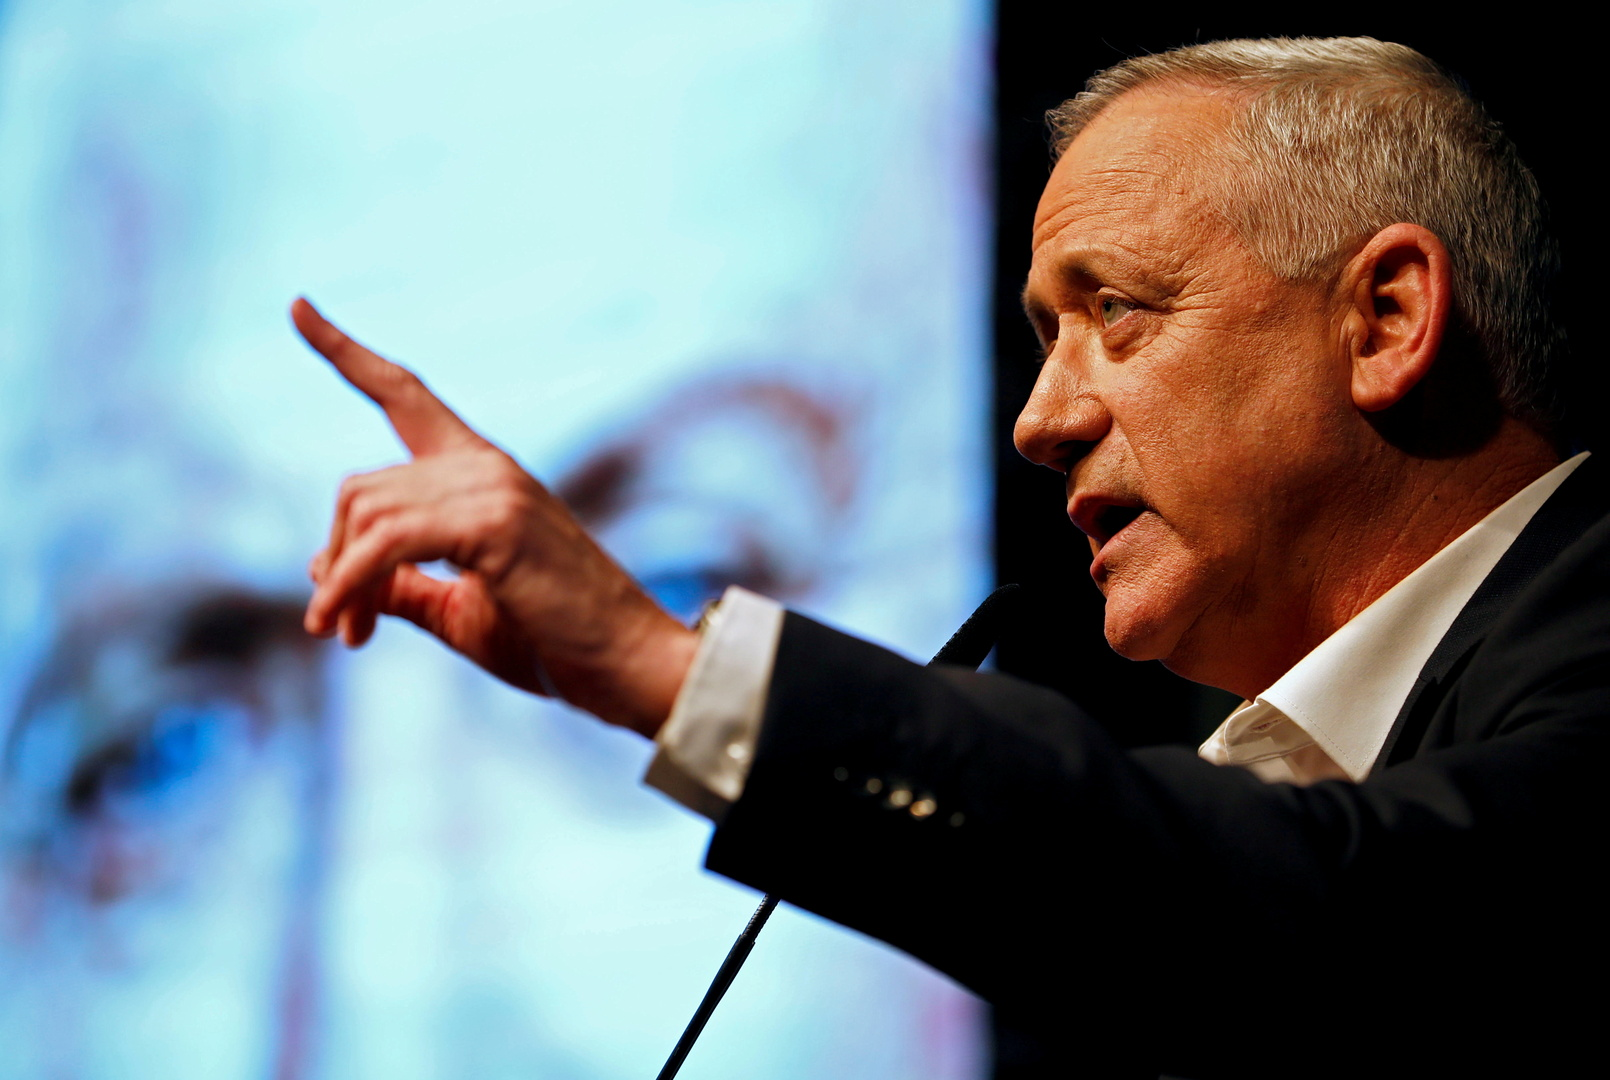 غانتس: إضفاء الشرعية على  46 بؤرة استيطانية في الضفة الغربية  قرار